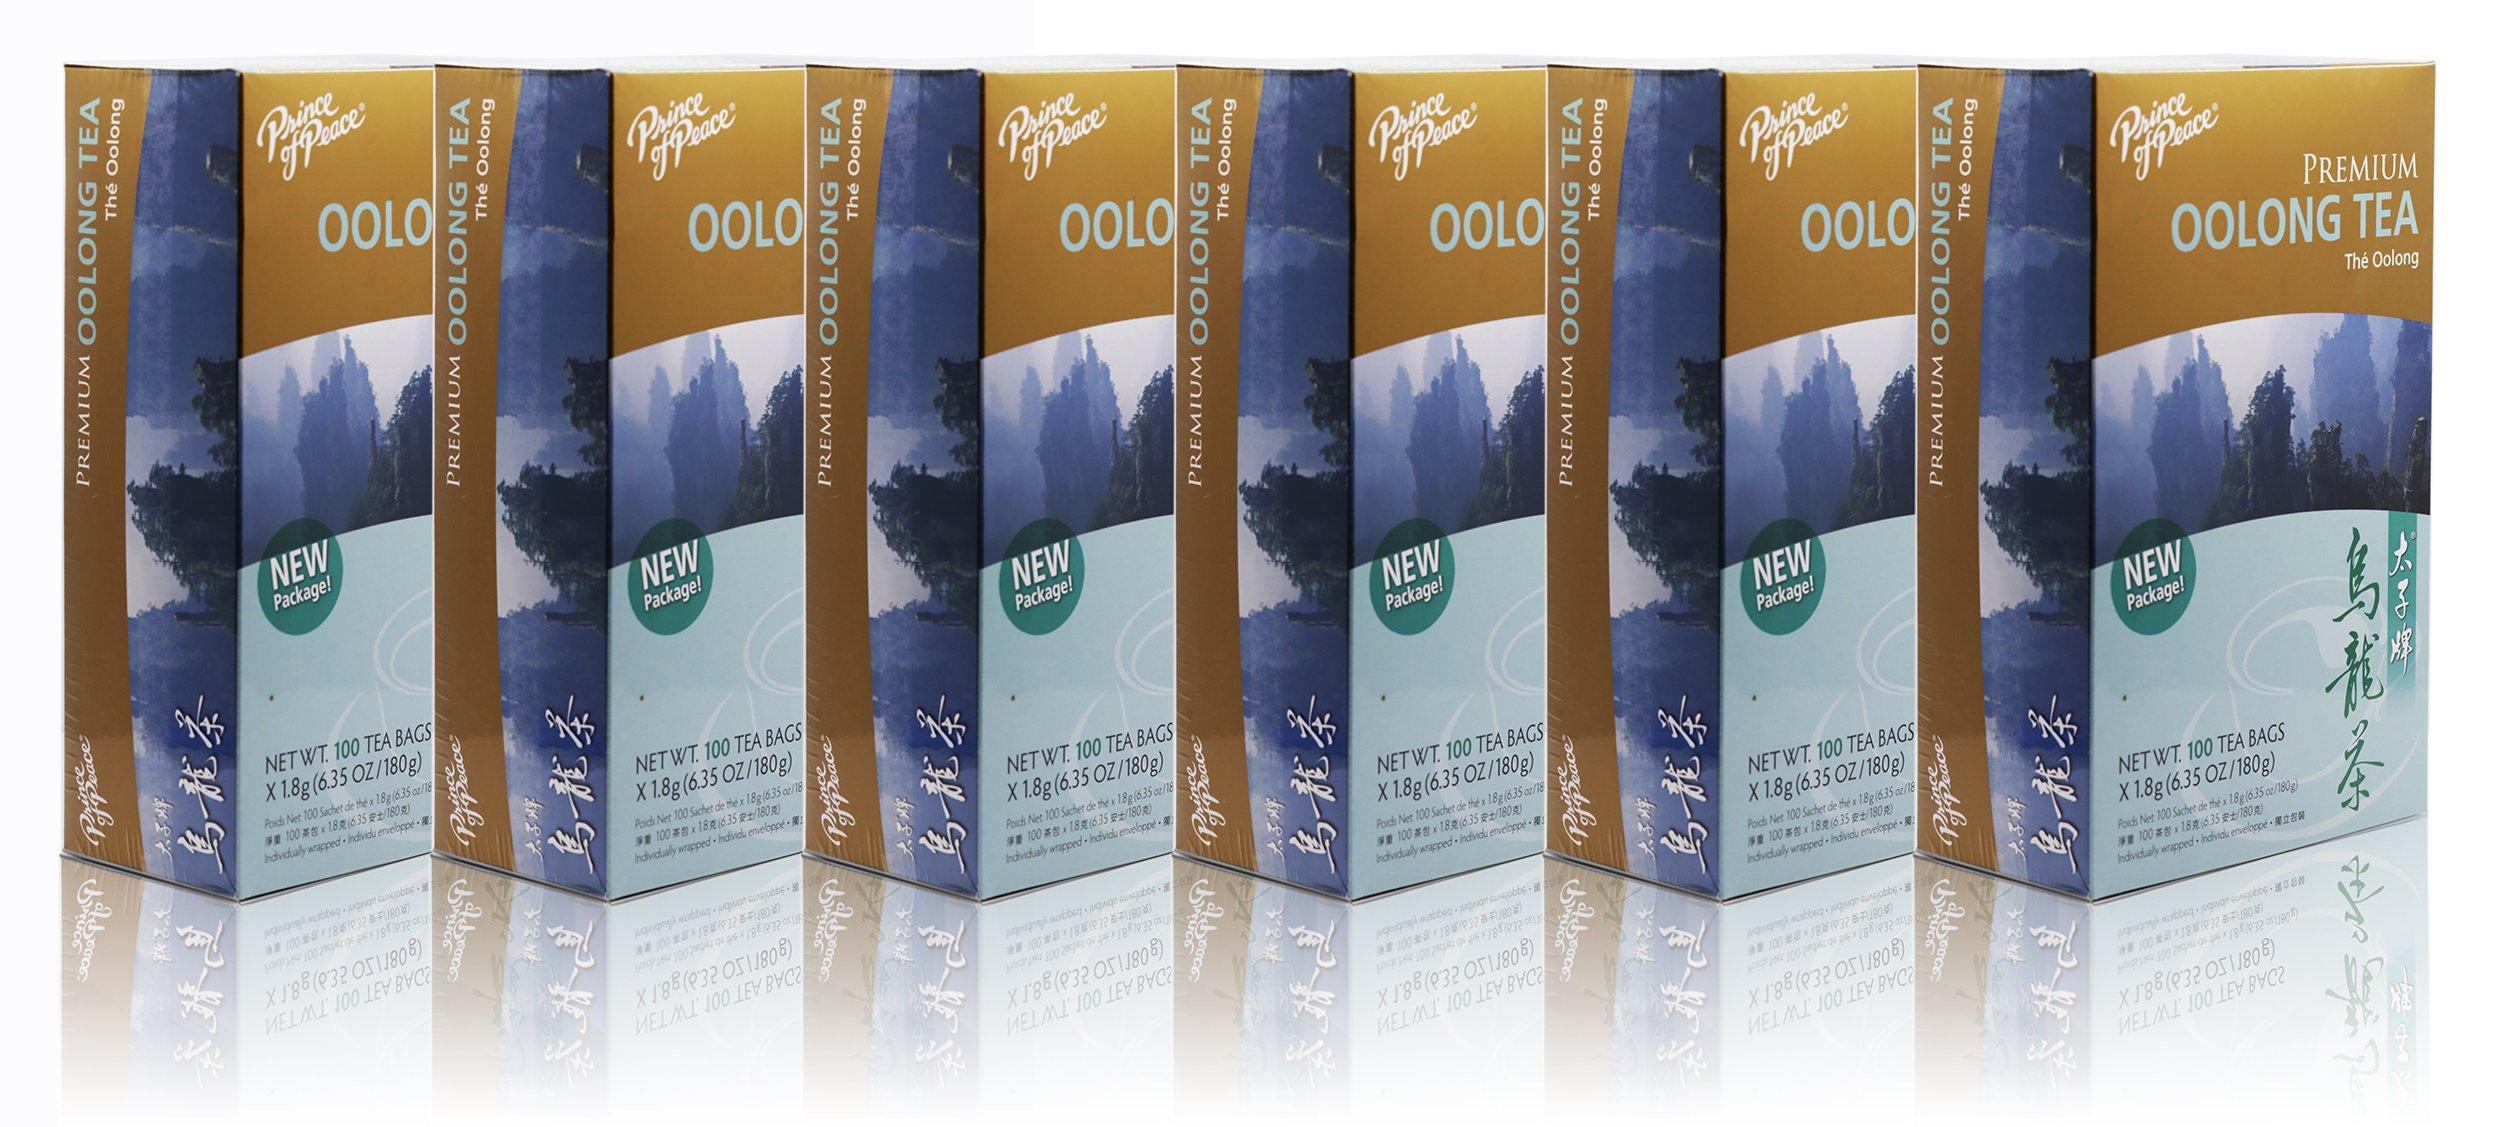 Prince Of Peace Oolong Tea-100 Tea Bags net wt. 6.35oz (180g) (6)